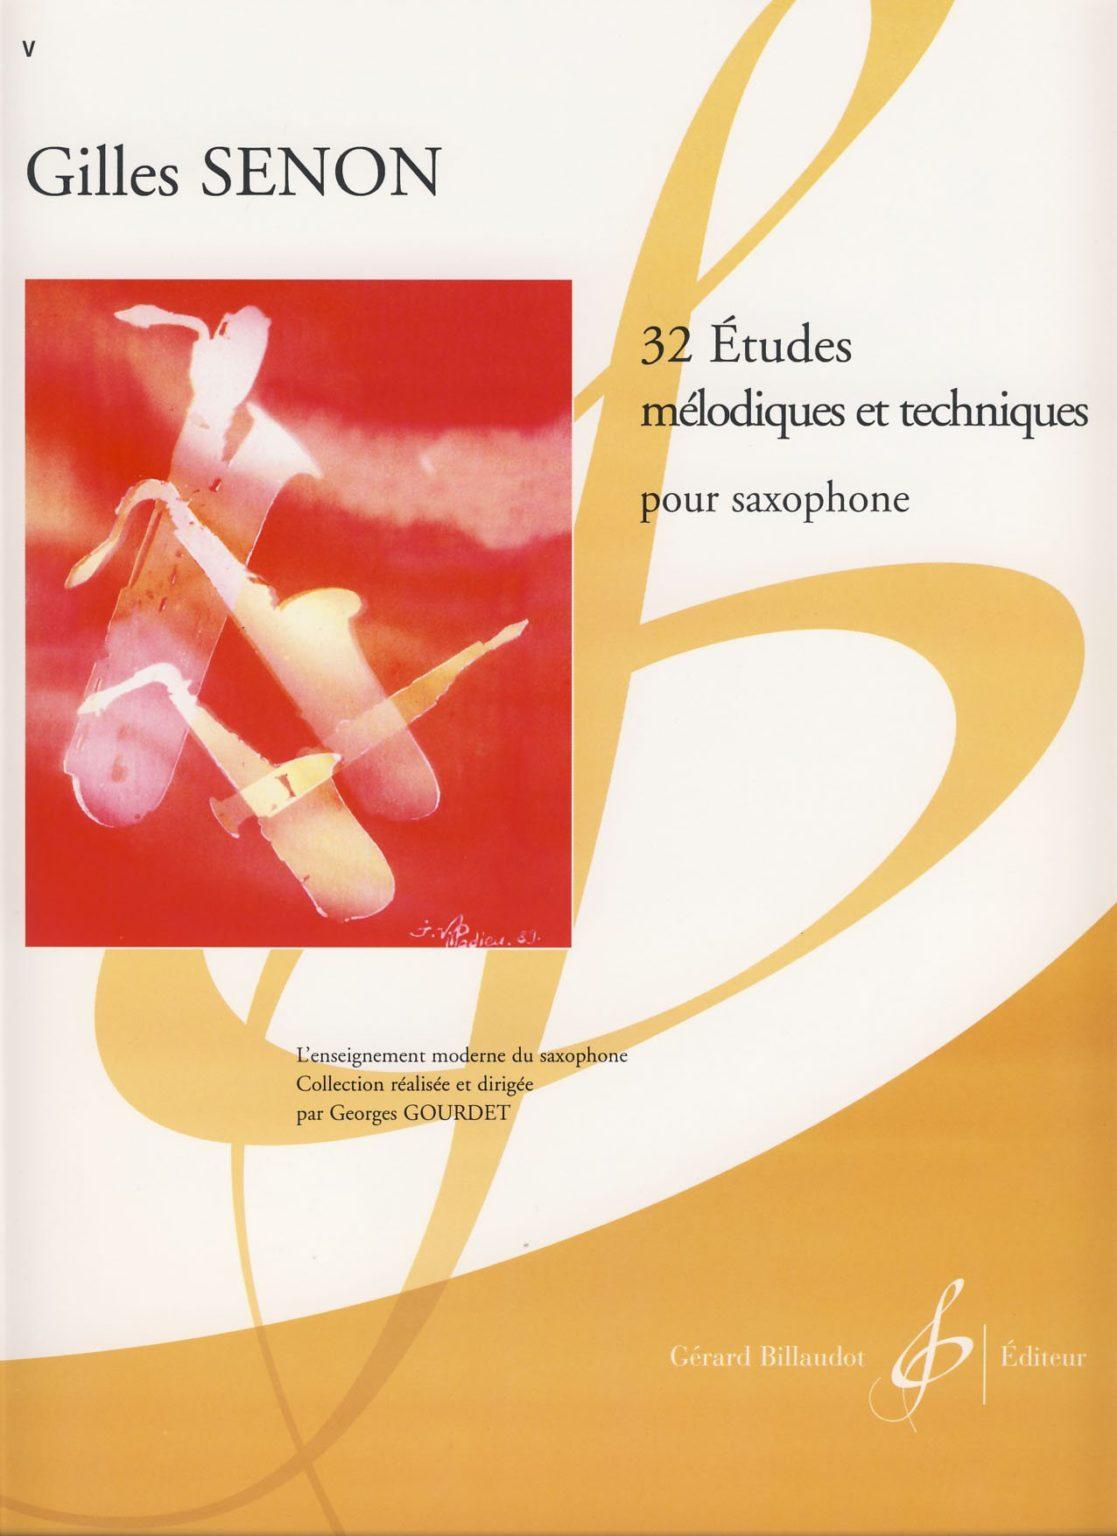 32EtudesMelodiquesetTechniques. Gilles Senon